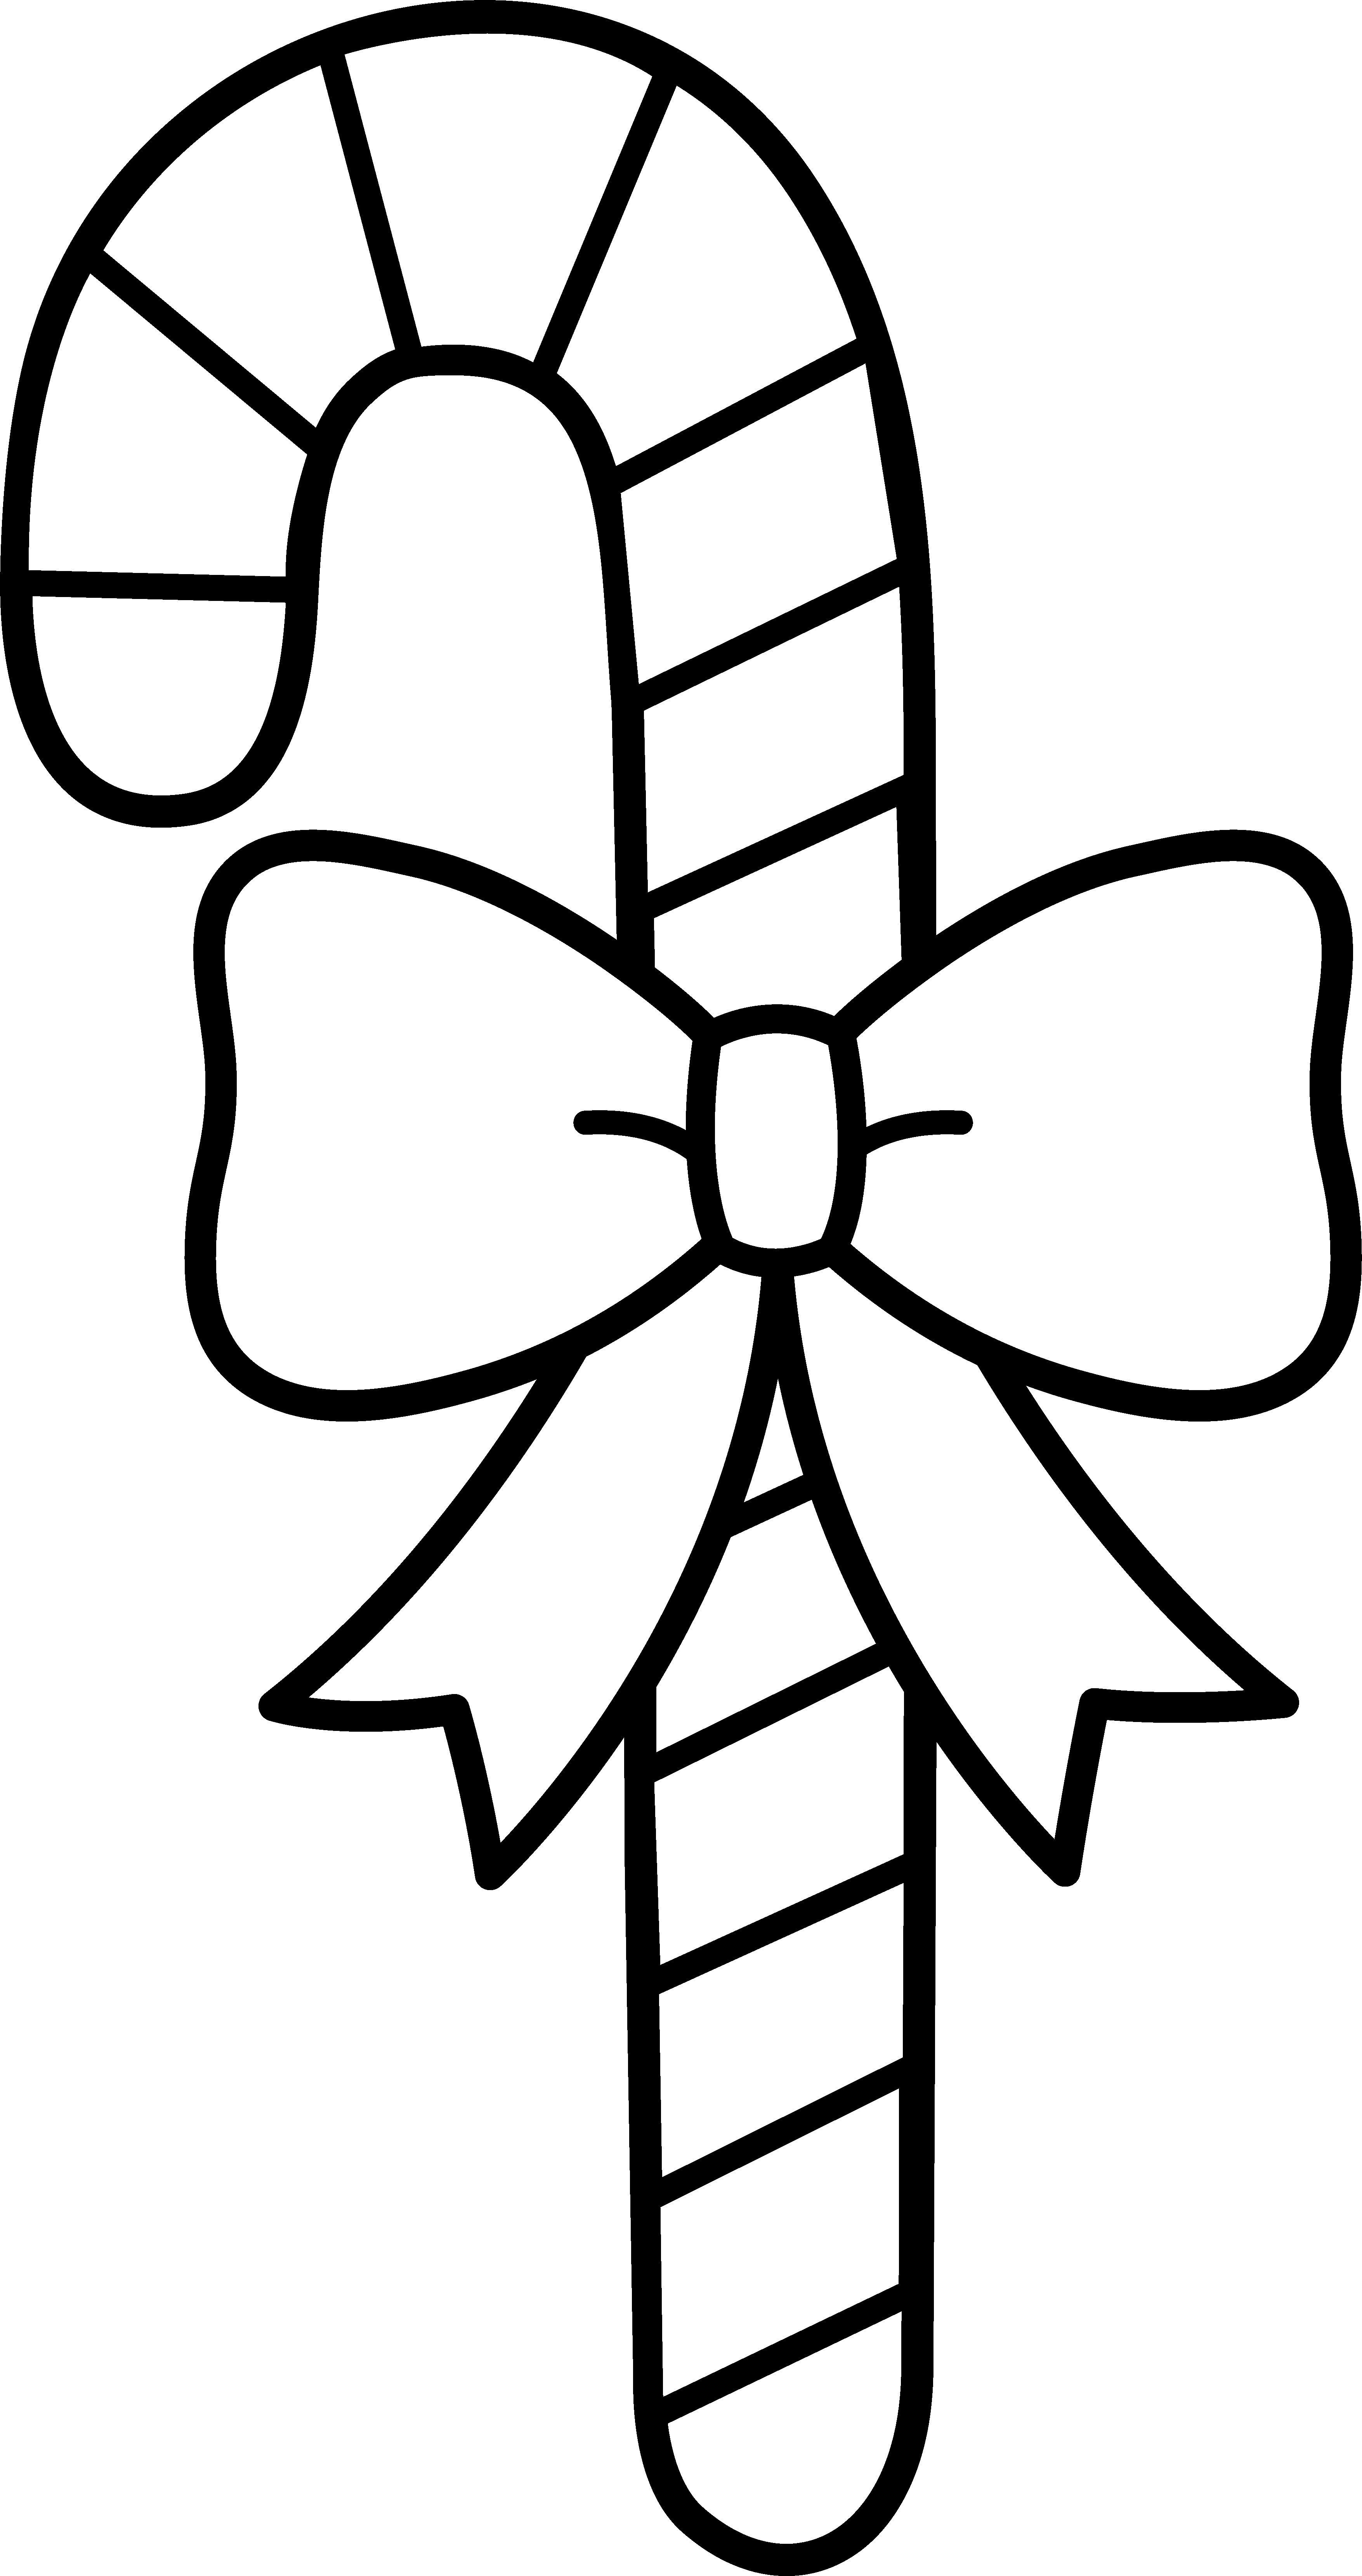 Pin Oleh Enosart Com Di Black And White Clipart Buah